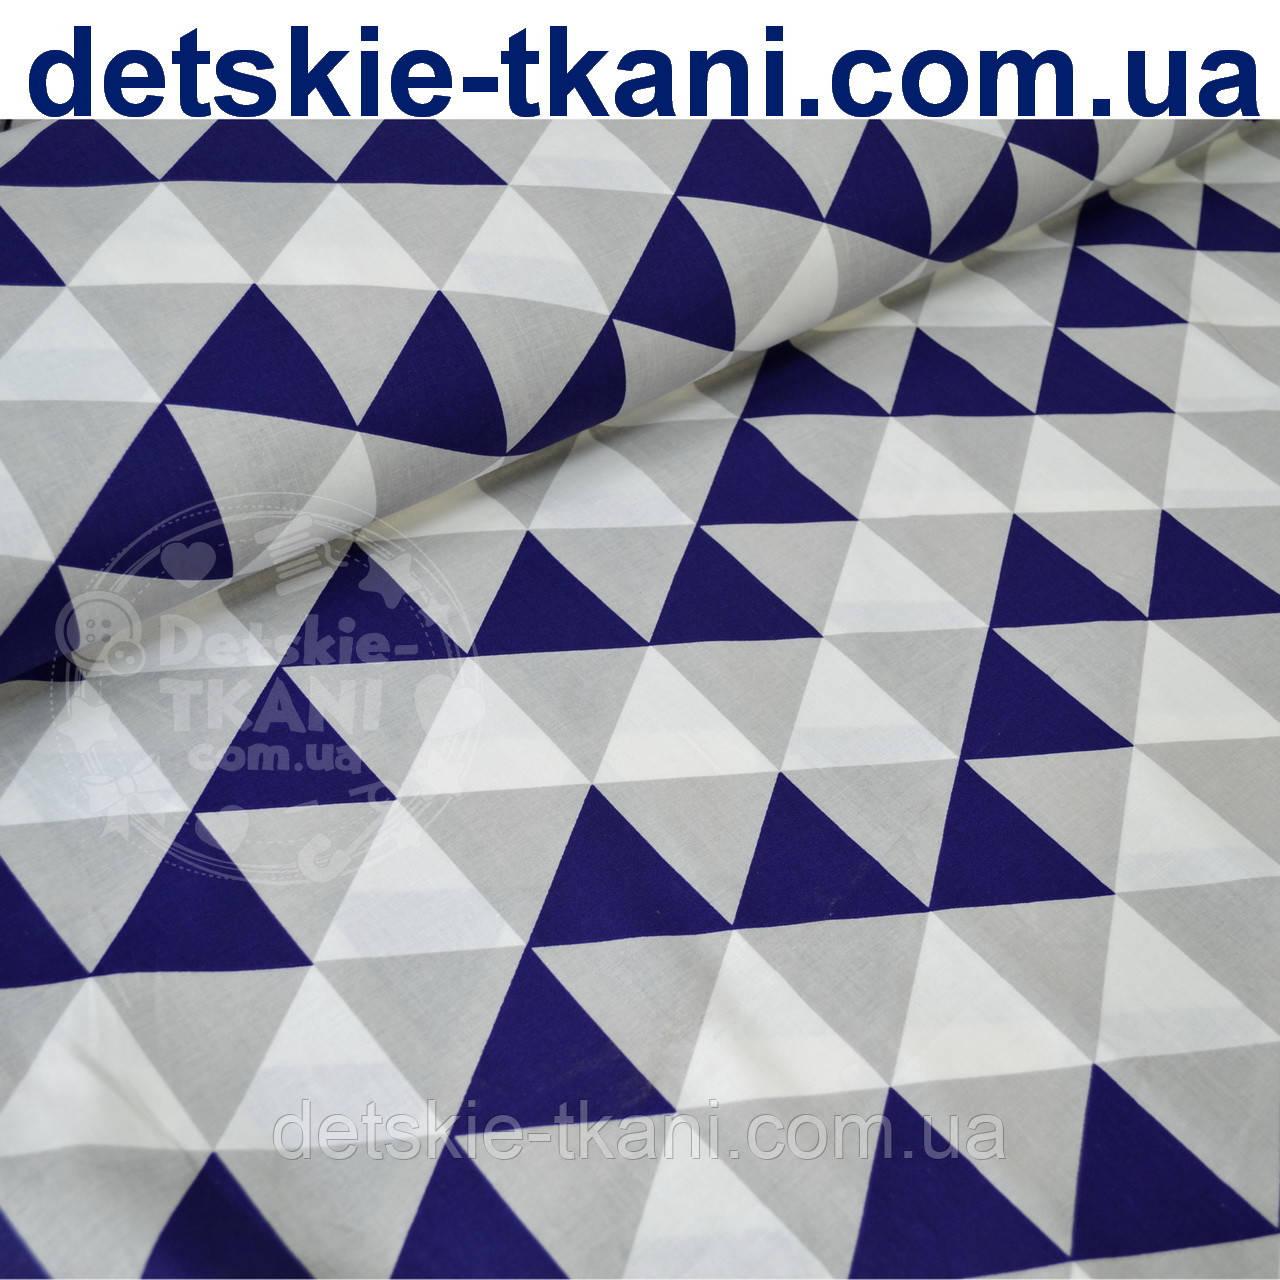 Ткань хлопковая серого цвета с треугольниками синими, серыми и белыми № 653 б